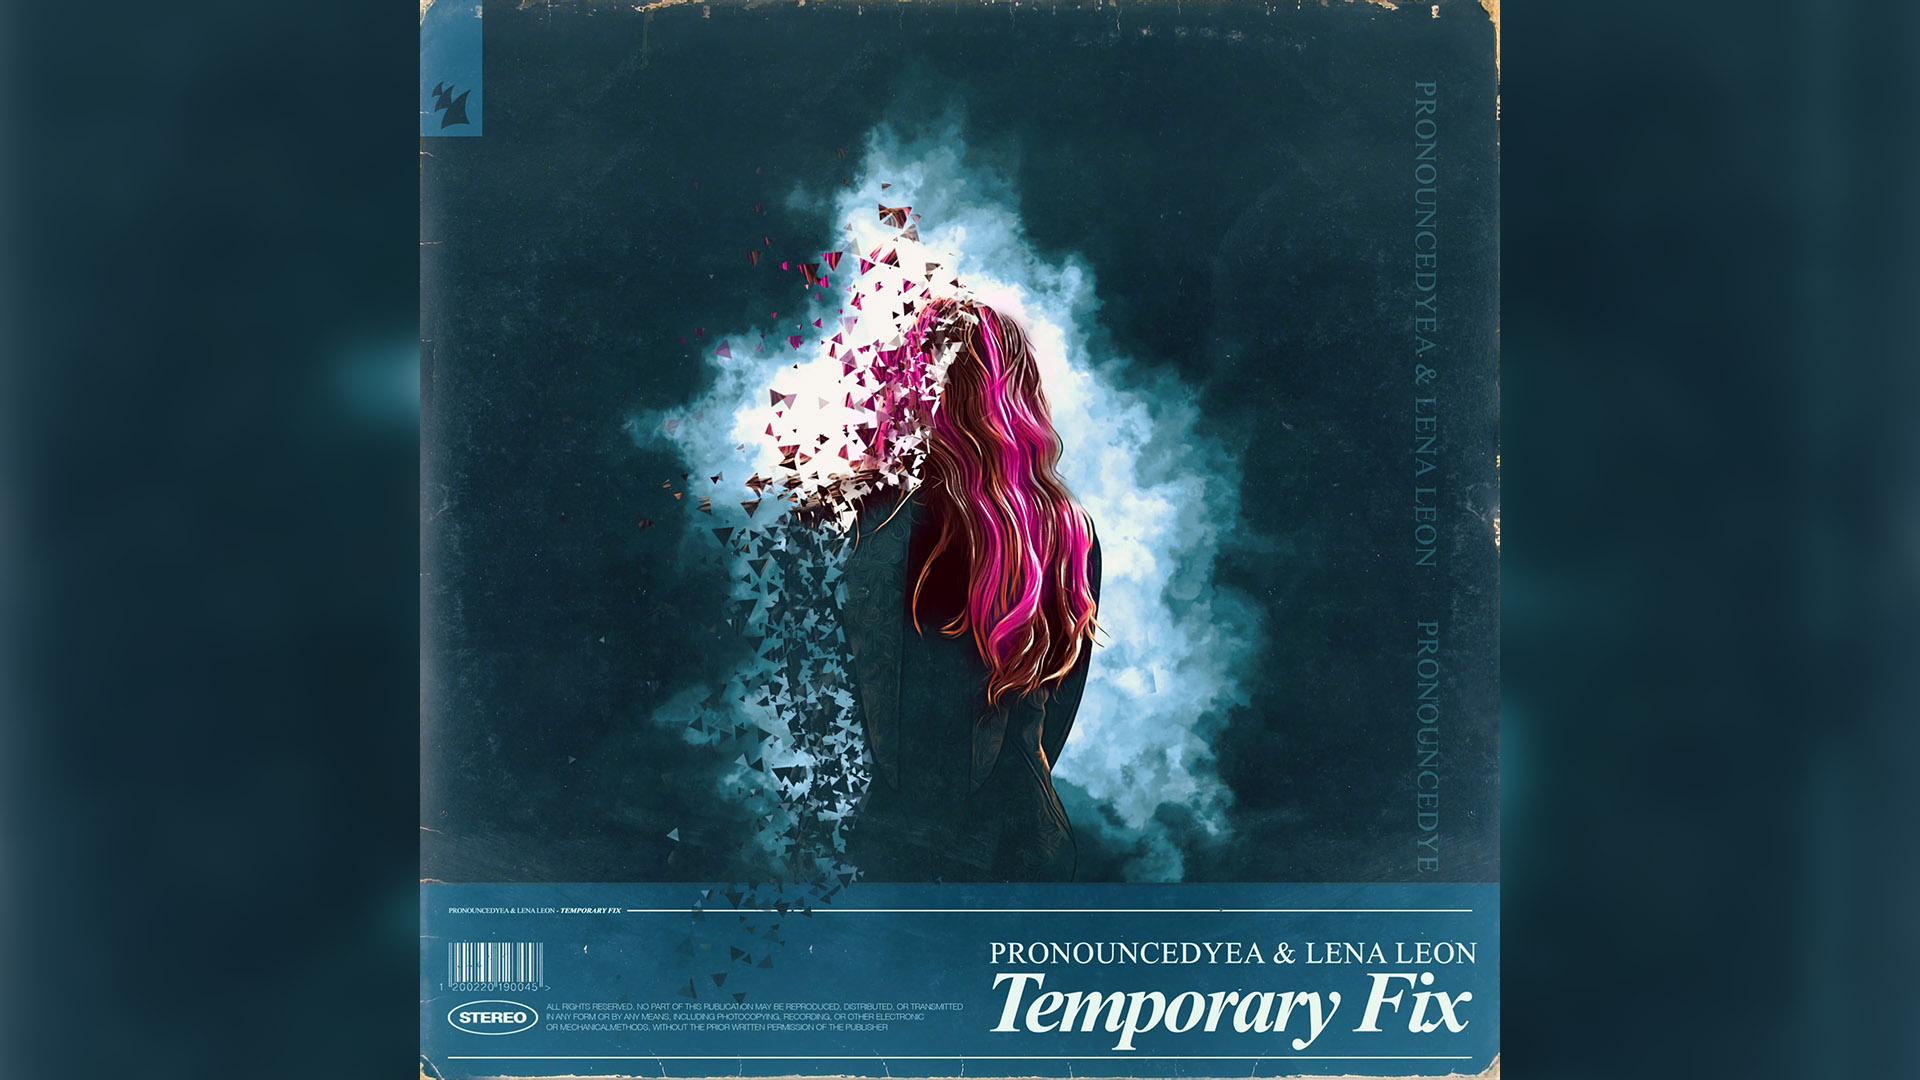 Temporary Fix